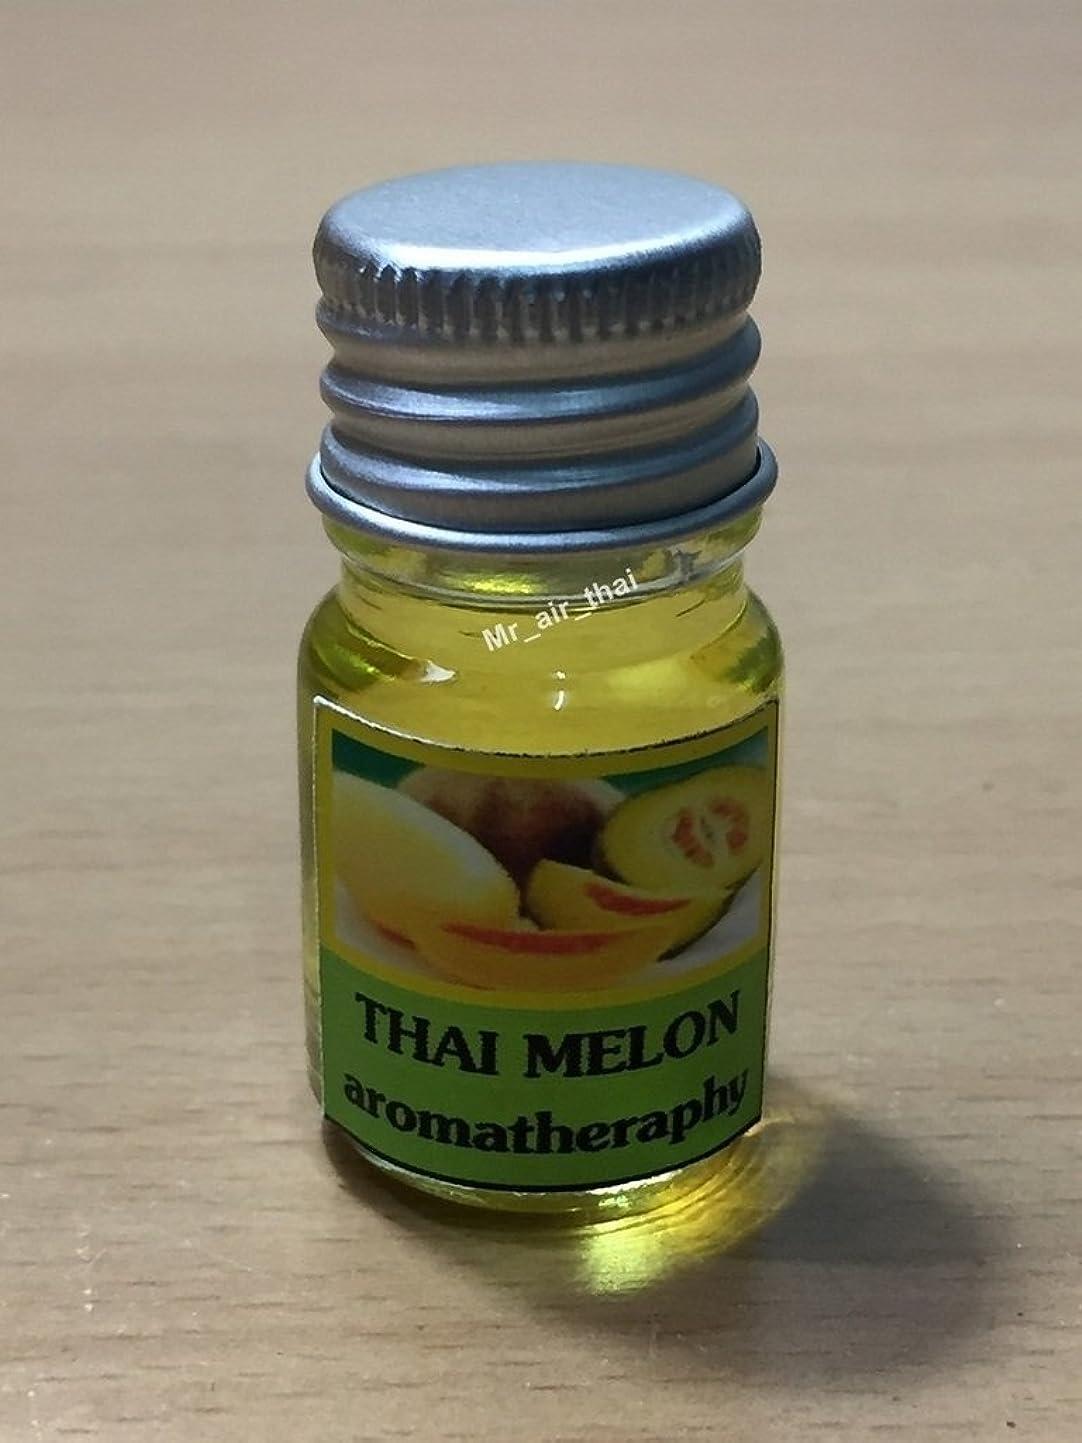 感動する補助金封建5ミリリットルアロマタイメロンフランクインセンスエッセンシャルオイルボトルアロマテラピーオイル自然自然5ml Aroma Thai Melon Frankincense Essential Oil Bottles Aromatherapy Oils natural nature